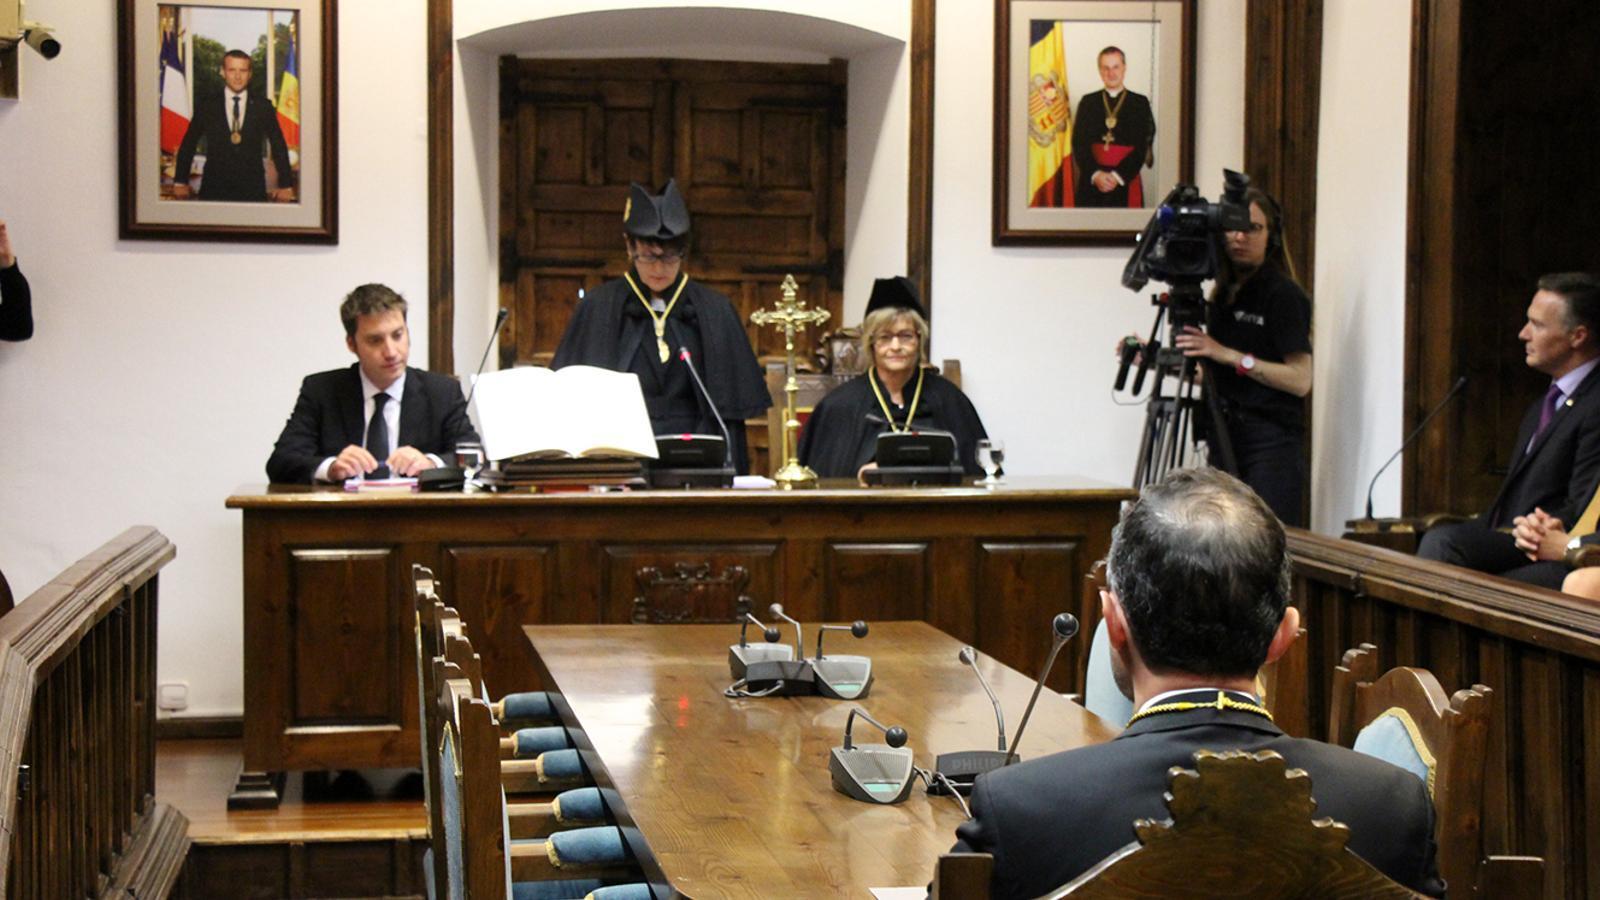 El nou cap de Govern, Xavier Espot, ocupant la cadira del líder de l'executiu a la sala de plens de la Casa de la Vall. / M. M. (ANA)